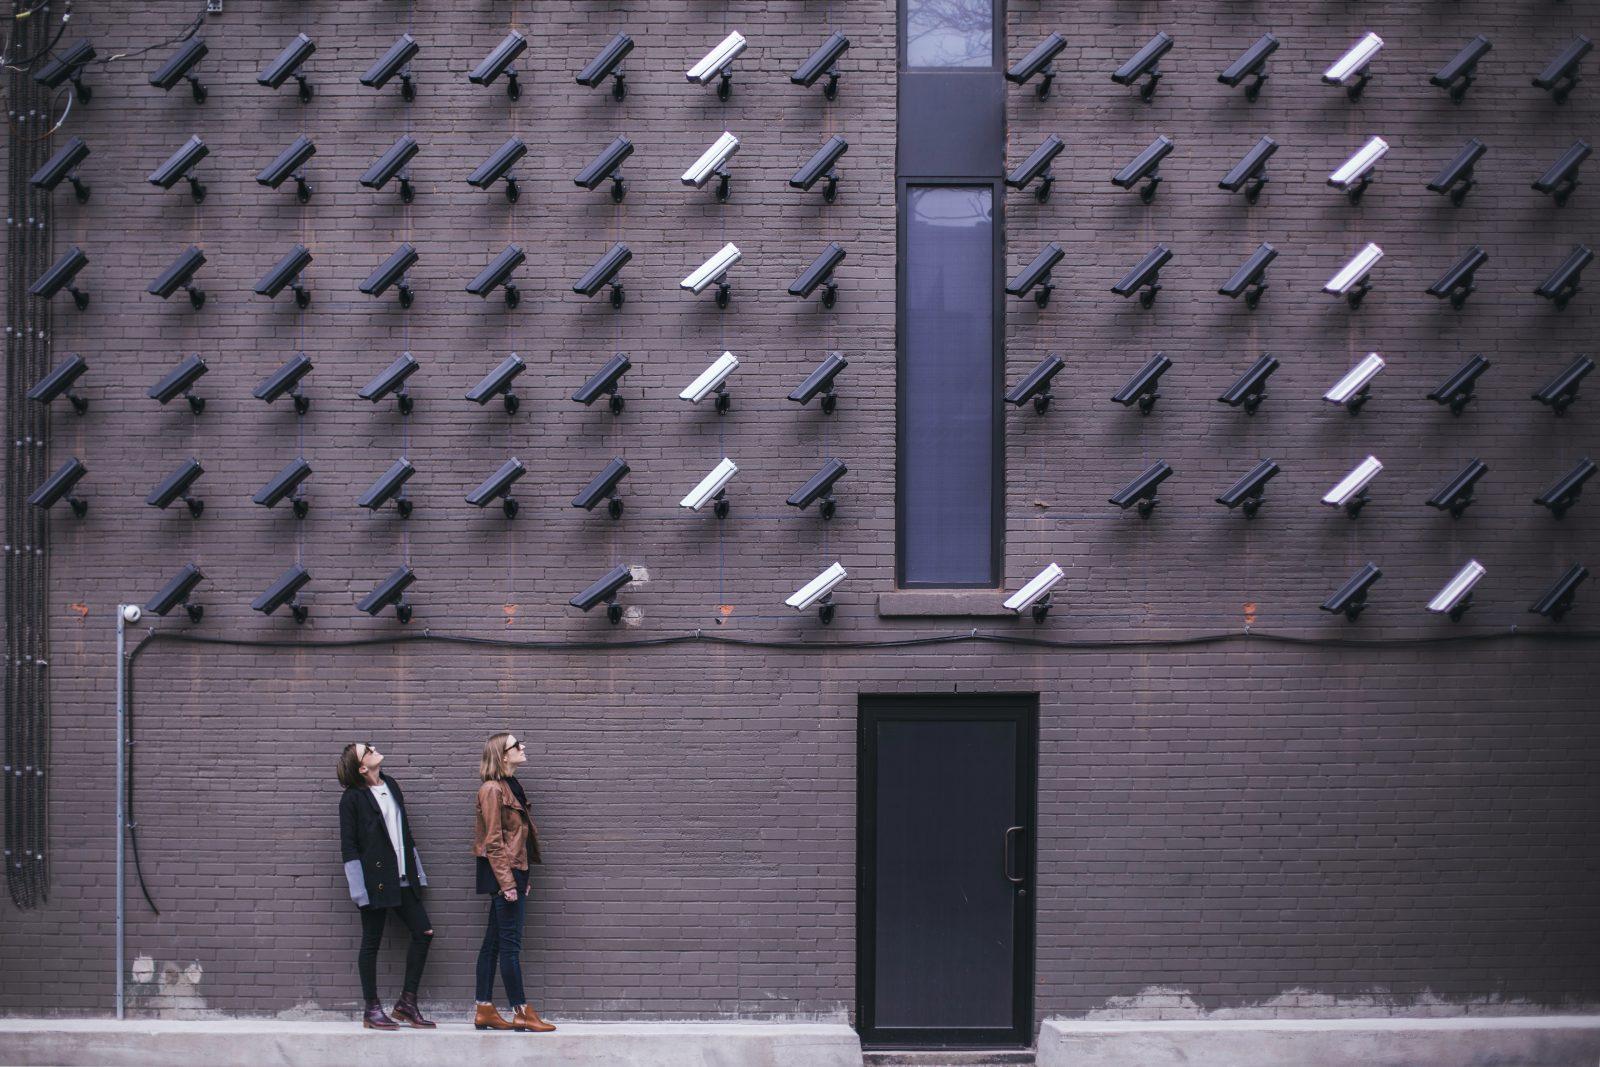 Kaksi ihmistä seisoo talon seinän edessä, missä on koko seinän verran valvontakameroita kohdistettuna heihin.